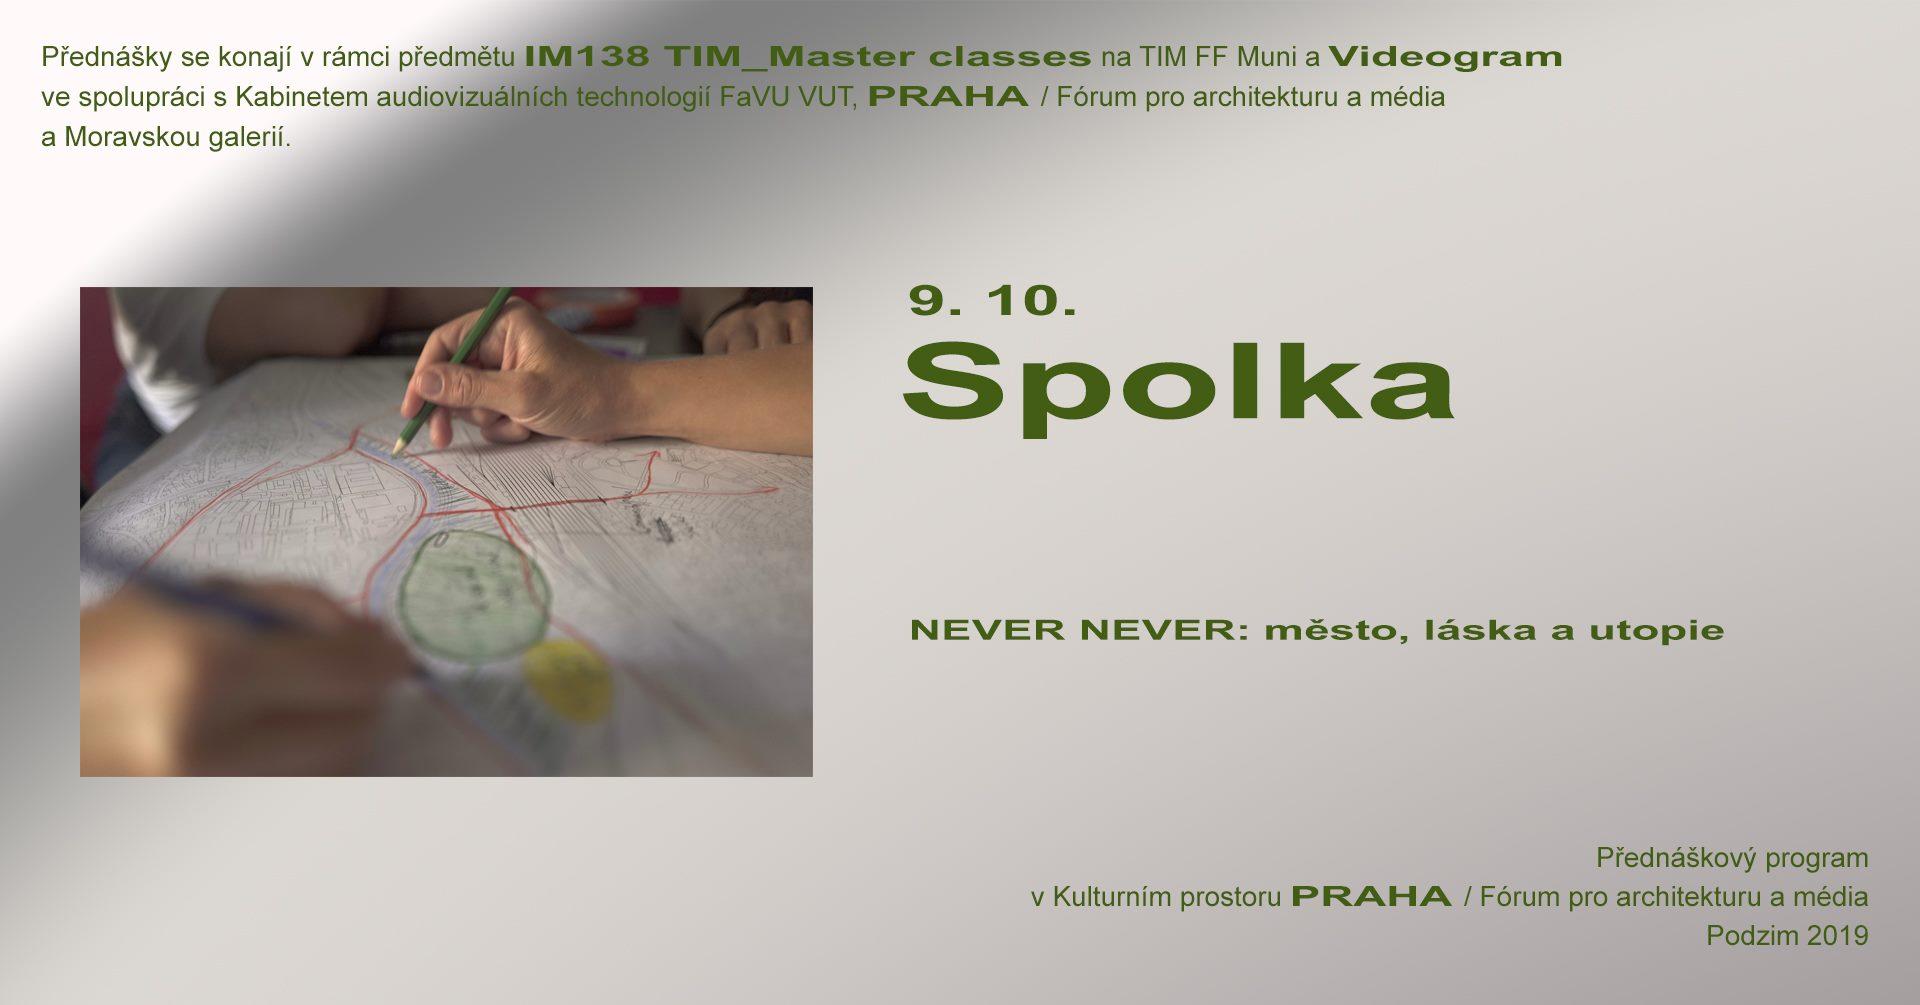 ST / 9.10. / 19.00 / TIM Master class / Videogram 90: Spolka – NEVER NEVER: město, láska a utopie / projekce, diskuse